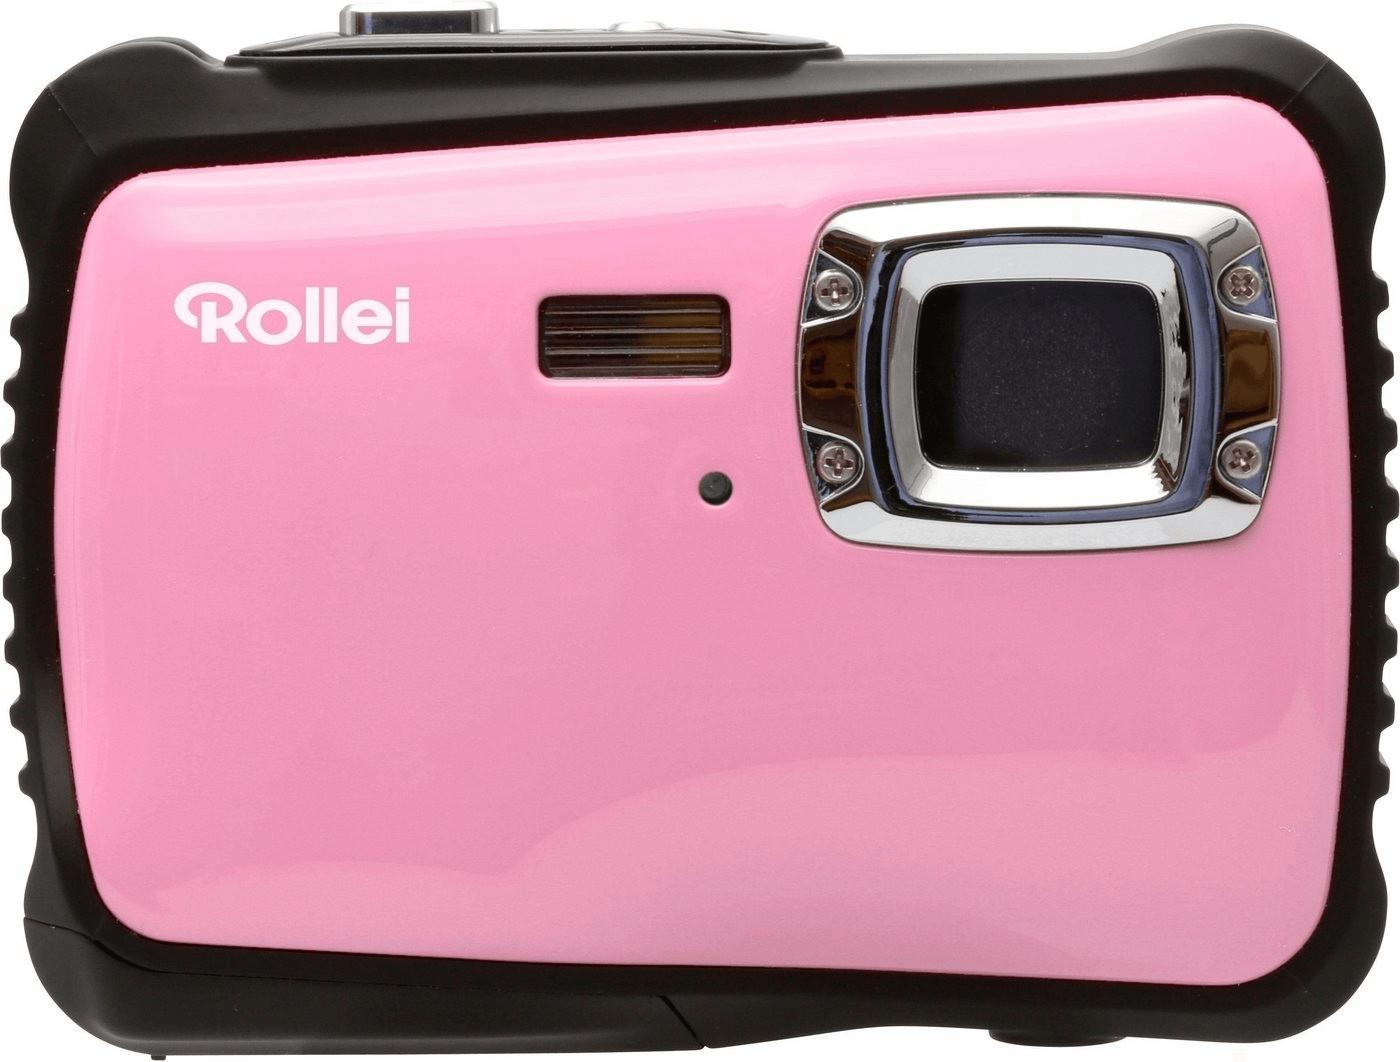 Rollei Sportsline 64 pink